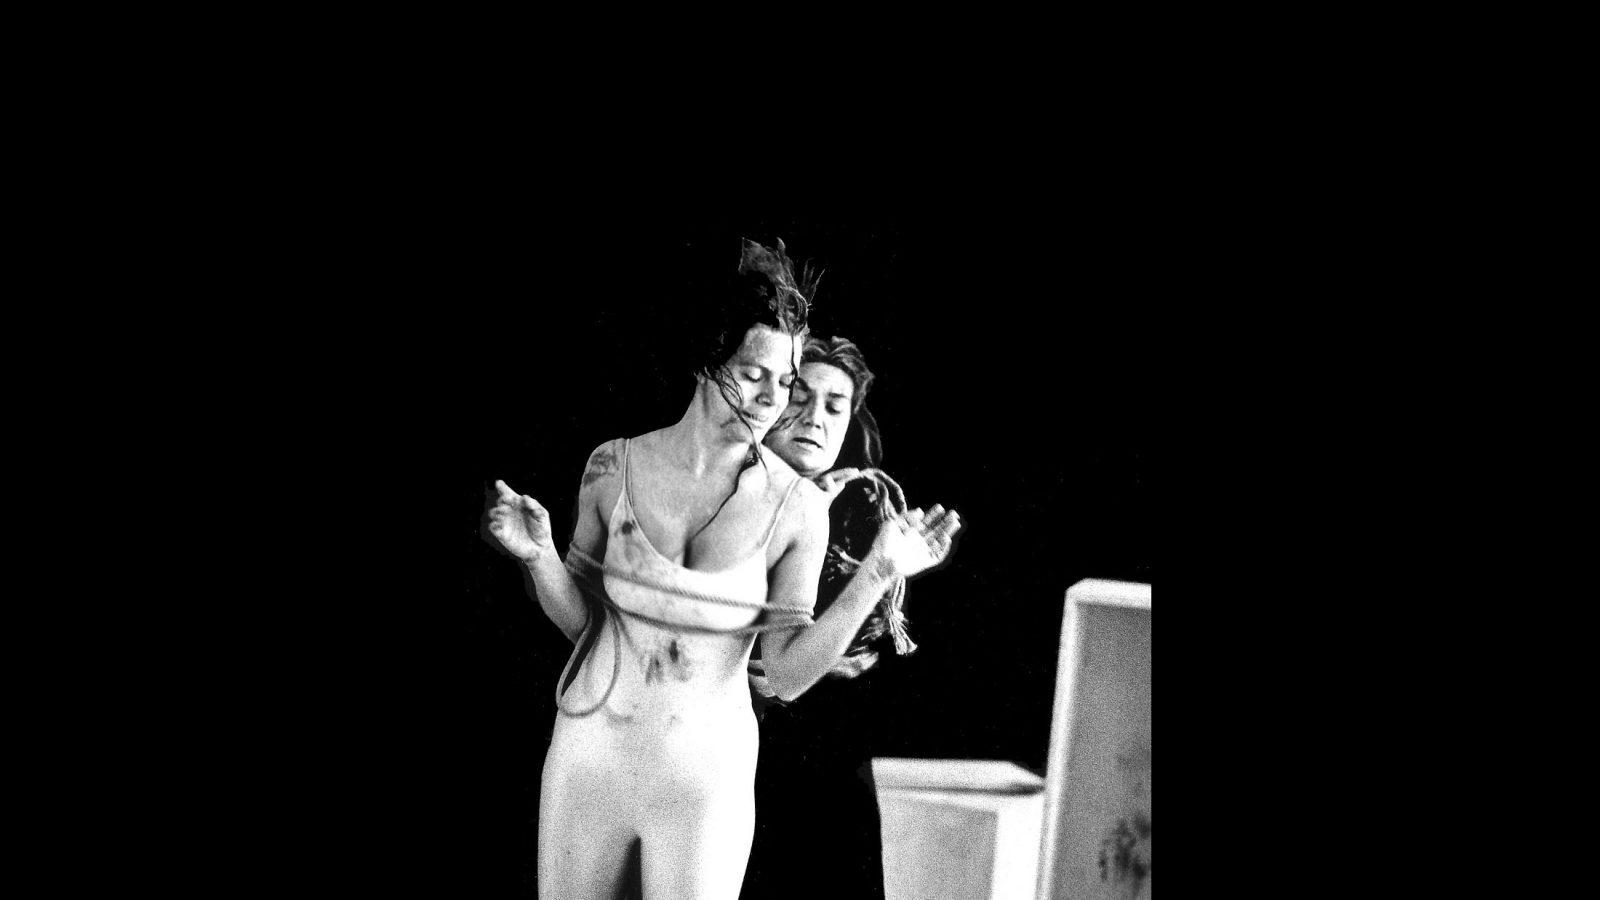 Le Acque compagnia teatrale - sakuntala